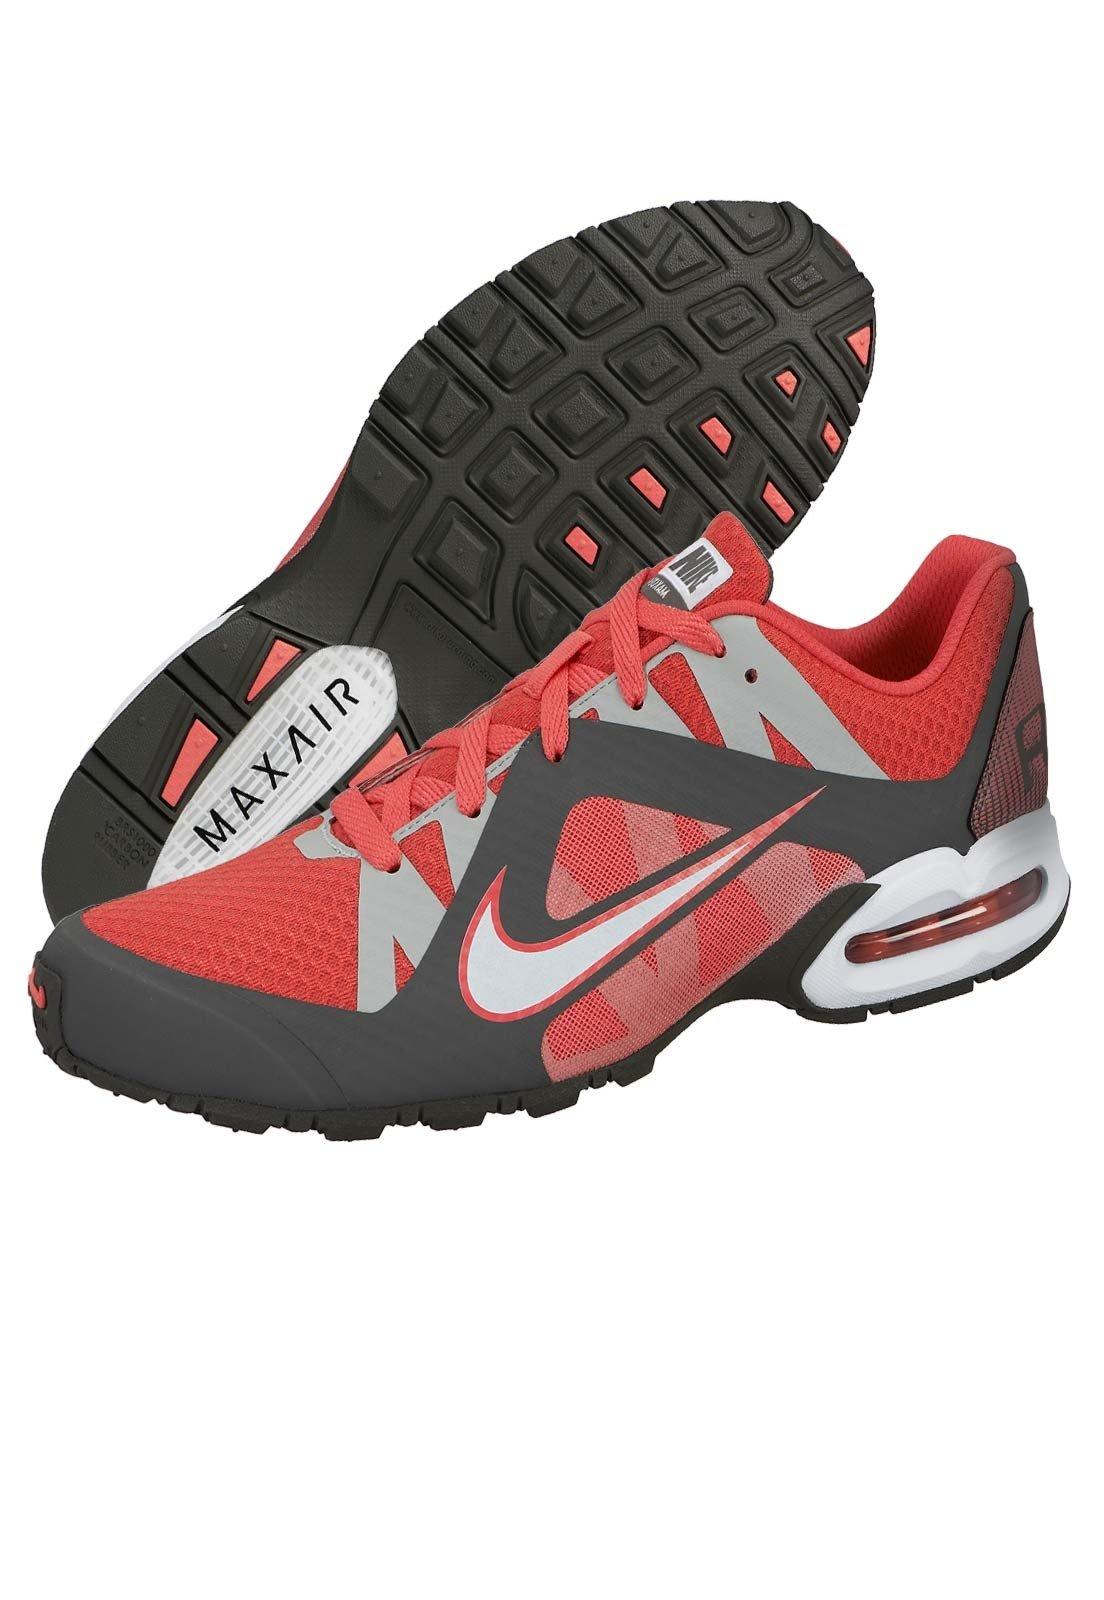 1fdcbdee07d Nike Air Max Lte